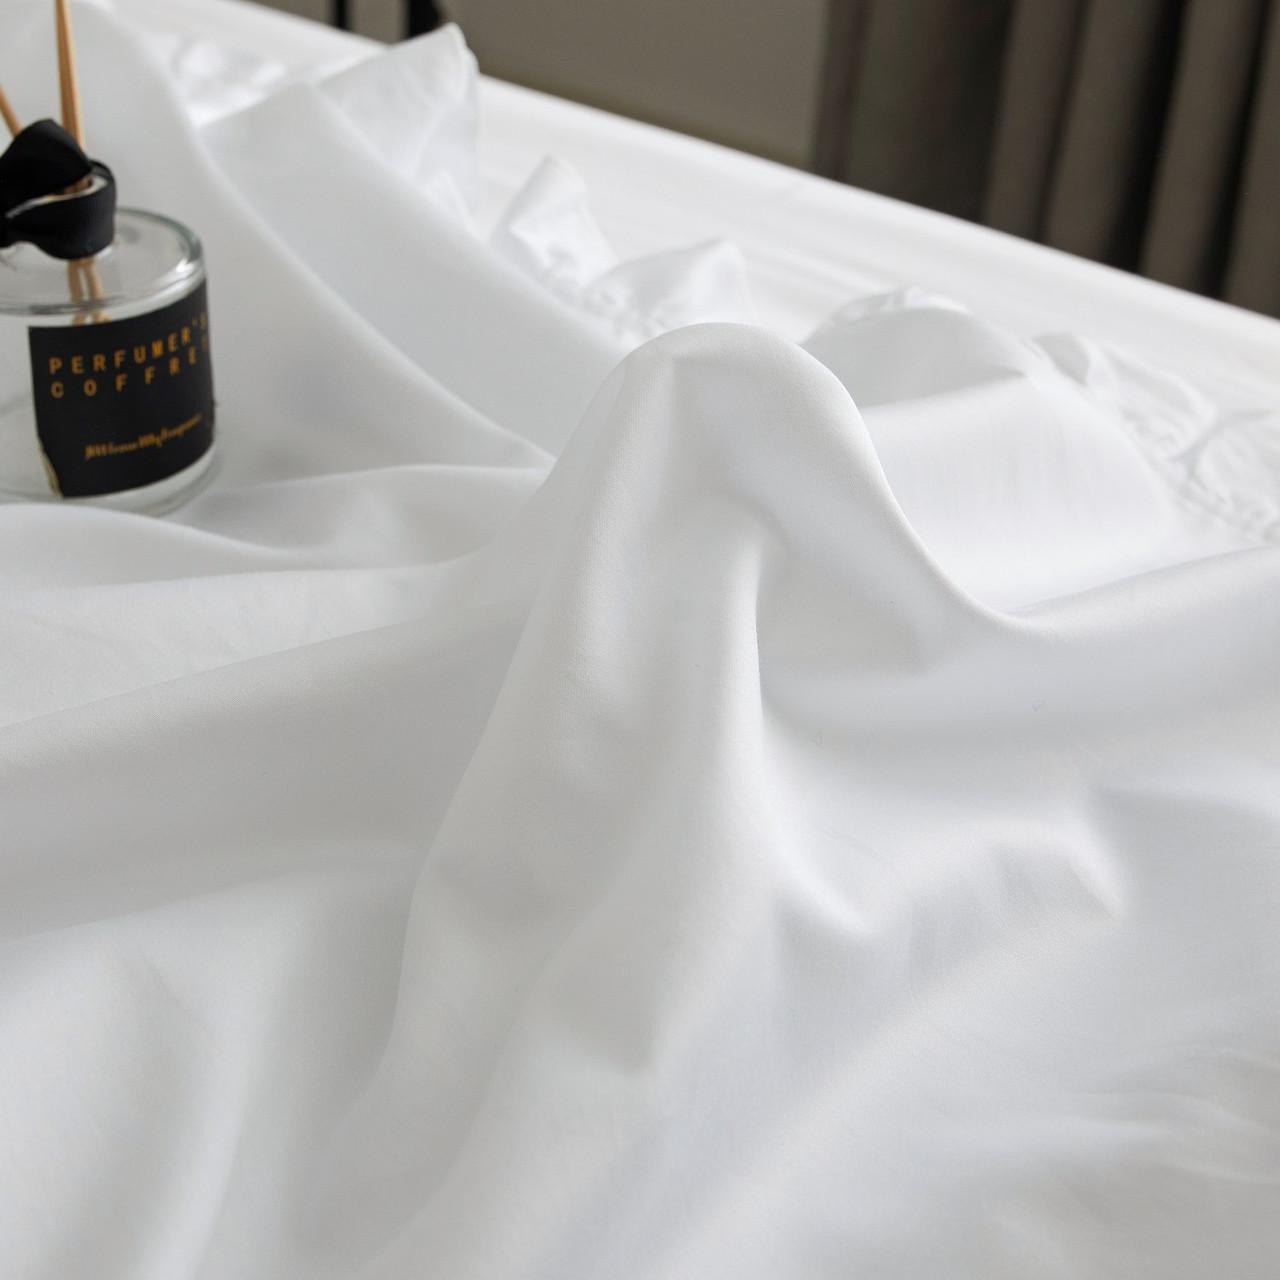 DM807Q Ruffle Bedding - Snow White: 6 Pieces Luxury Queen Size Duvet Cover Set 100% Cotton